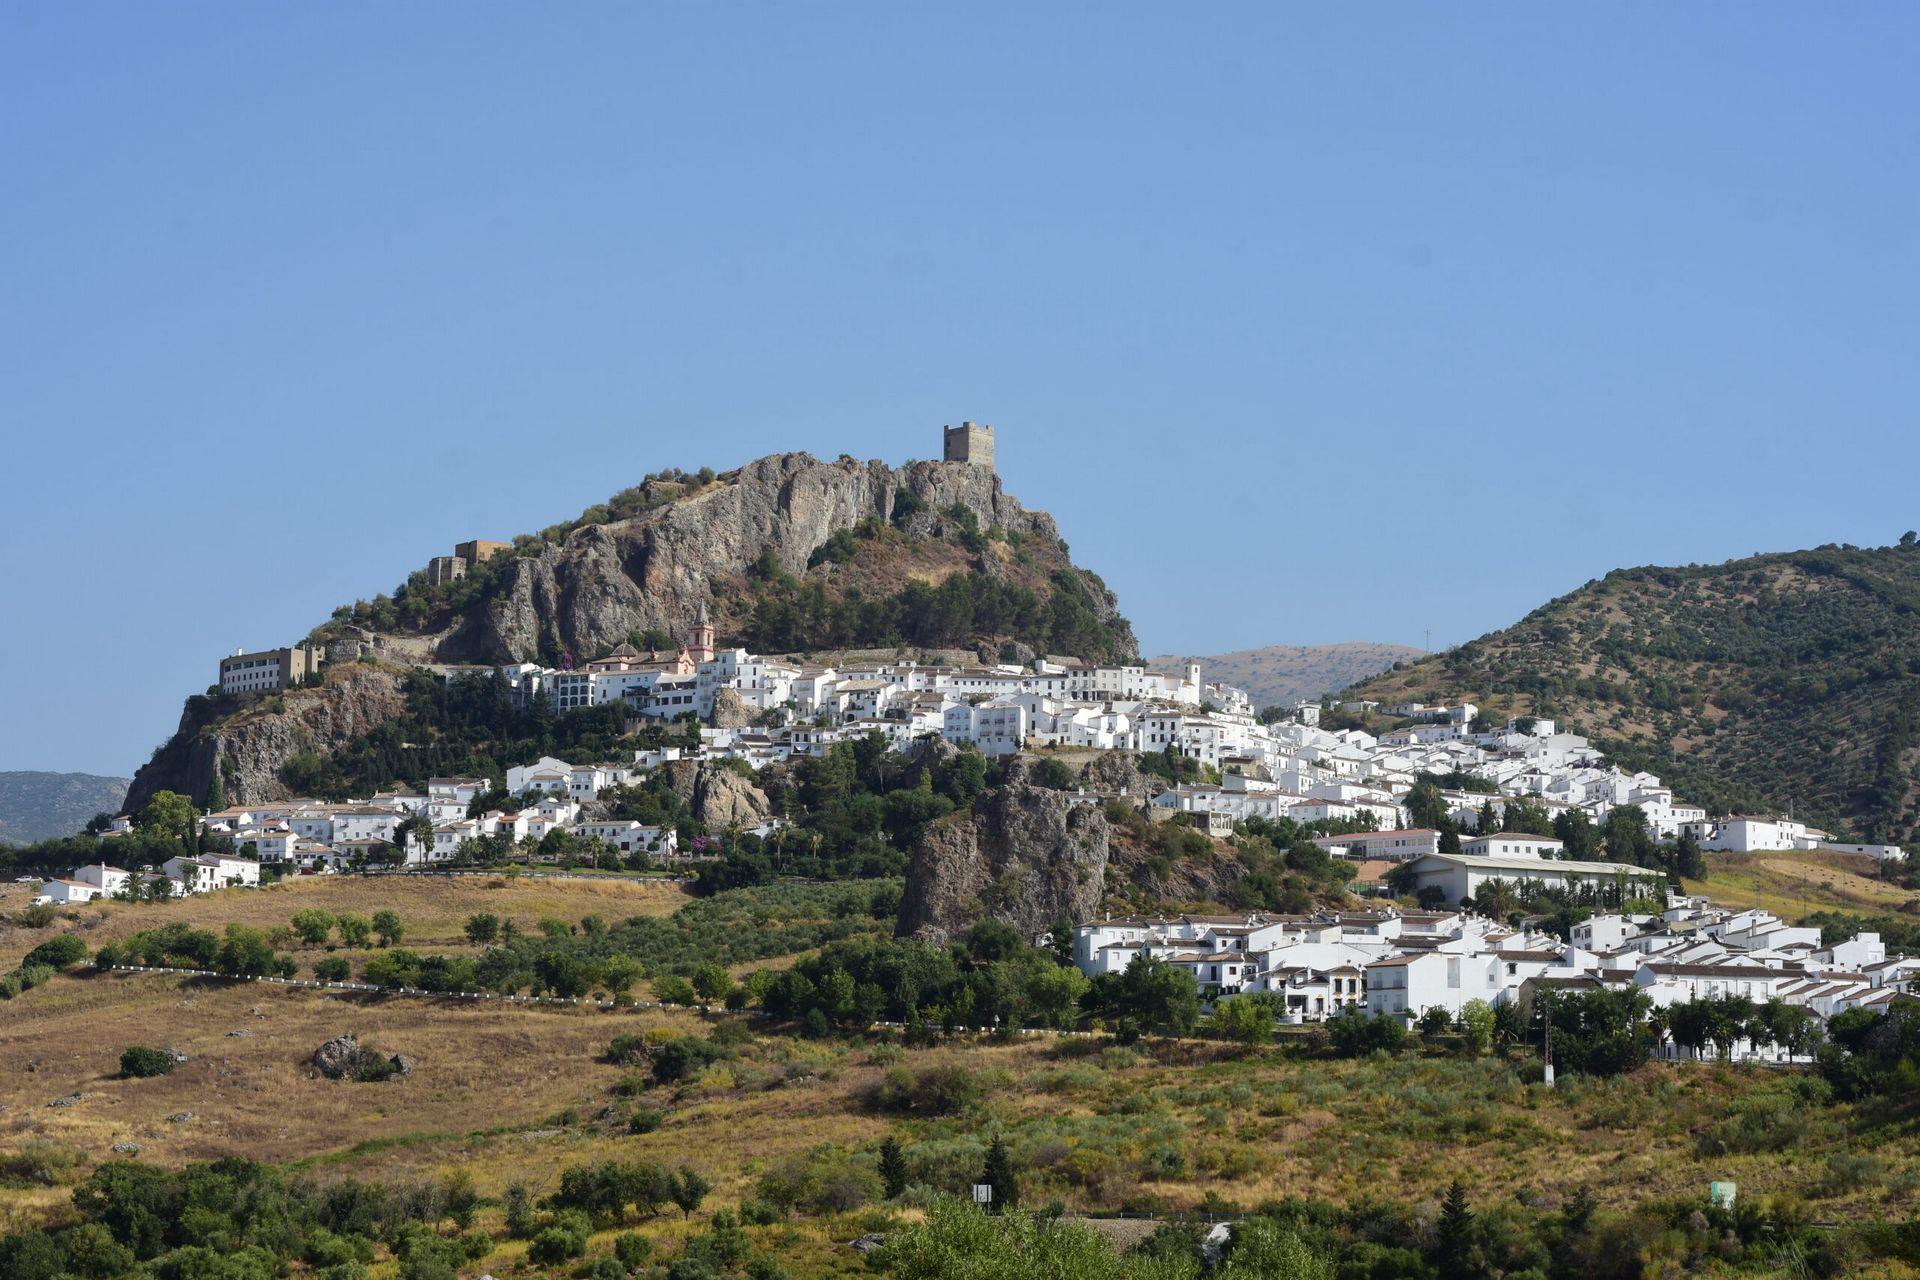 Spain – Pueblos Blancos: Zahara, Grazalema & Ronda